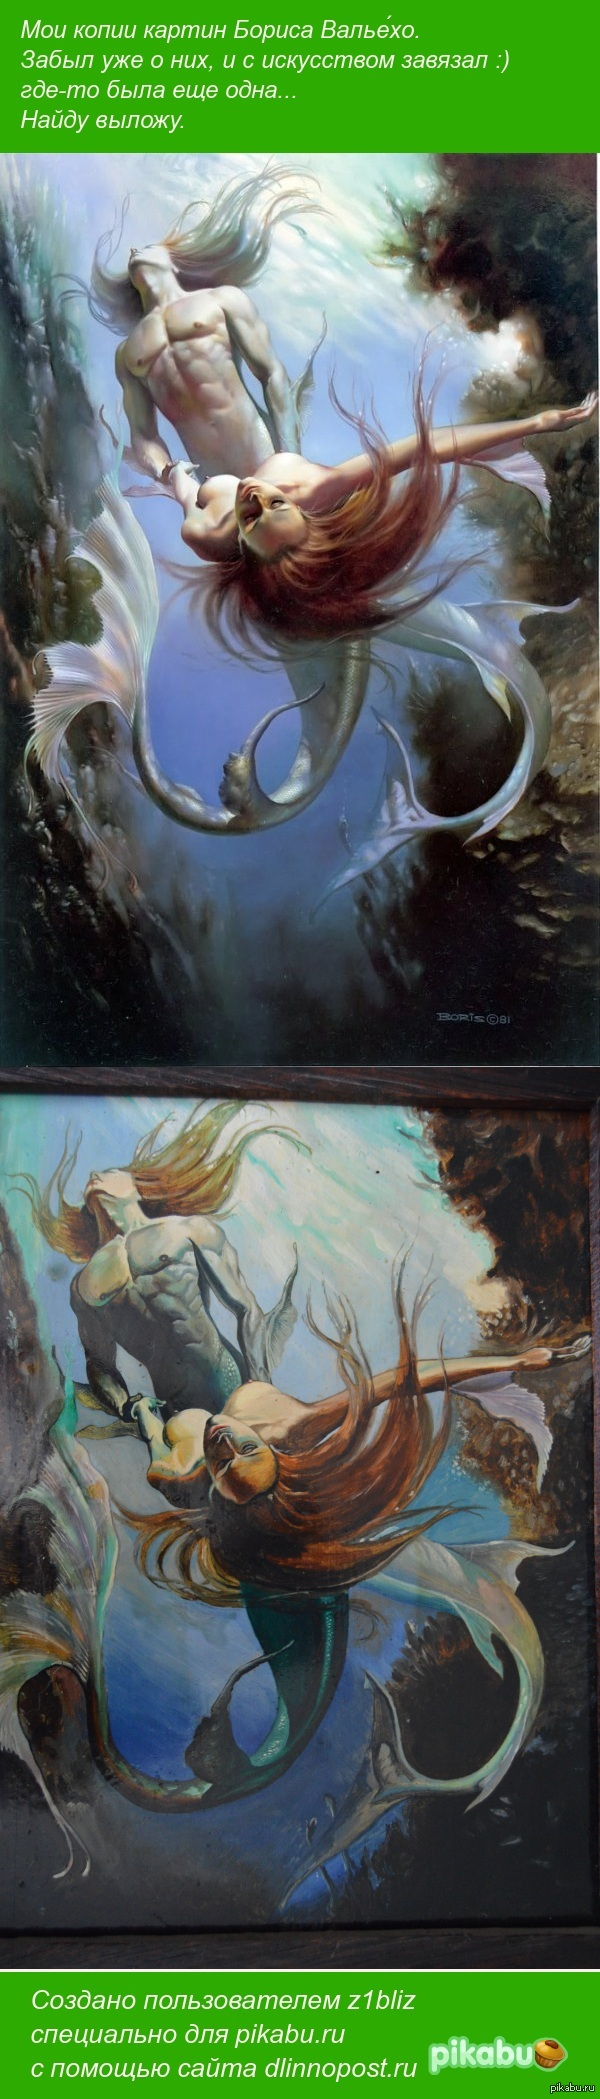 Моя копия картины Бориса Валье́хо маслом.